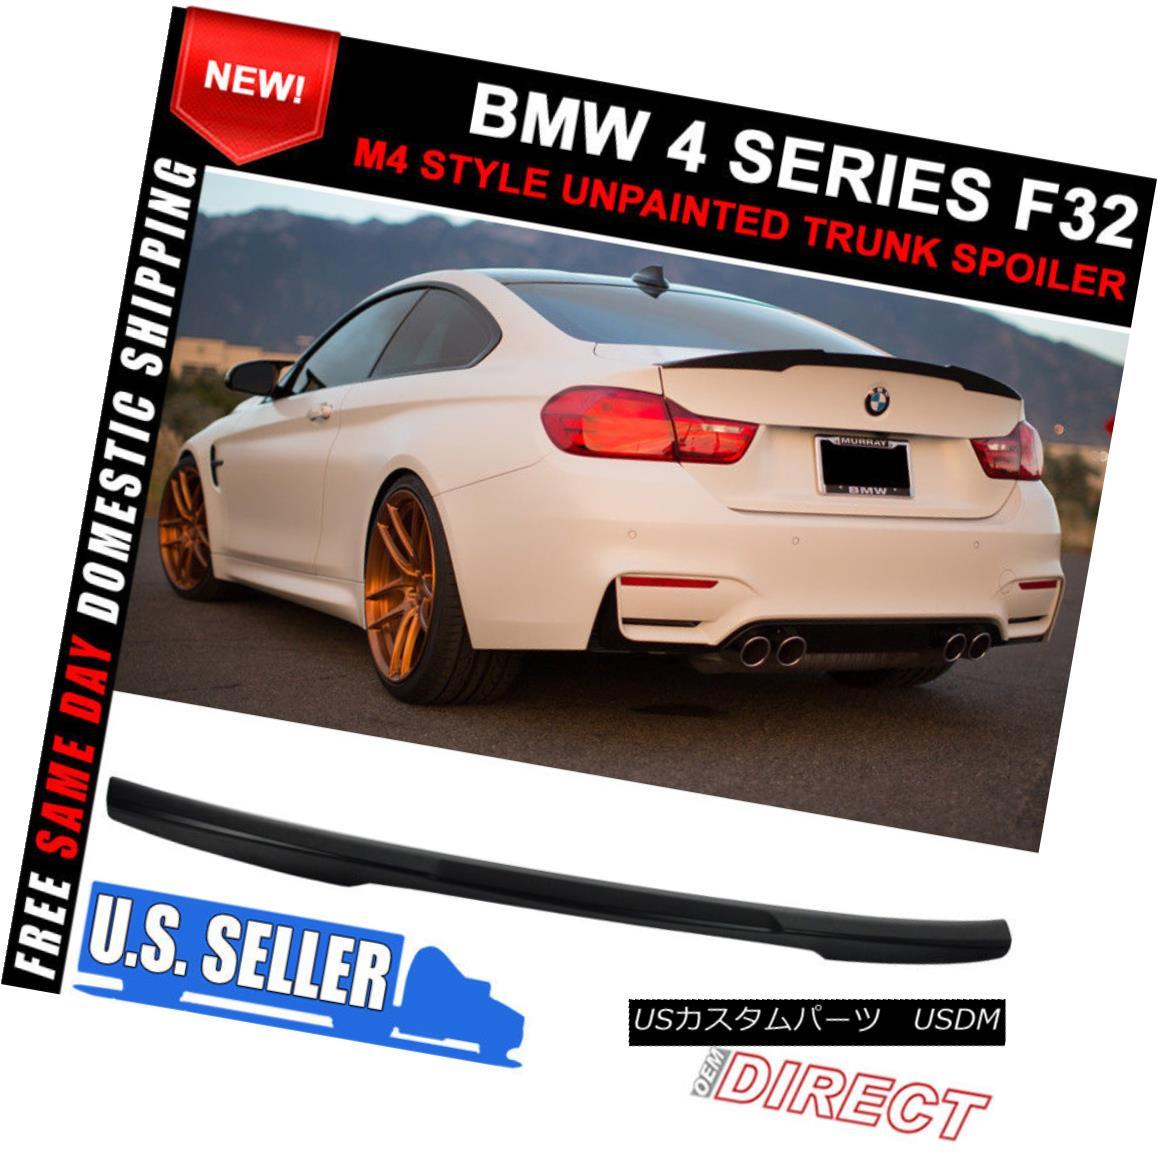 エアロパーツ 14-17 BMW 4 Series F32 M4 Style Unpainted Rear Trunk Spoiler Wing - ABS 14-17 BMW 4シリーズF32 M4スタイル未塗装リアタンクスポイラーウィング - ABS